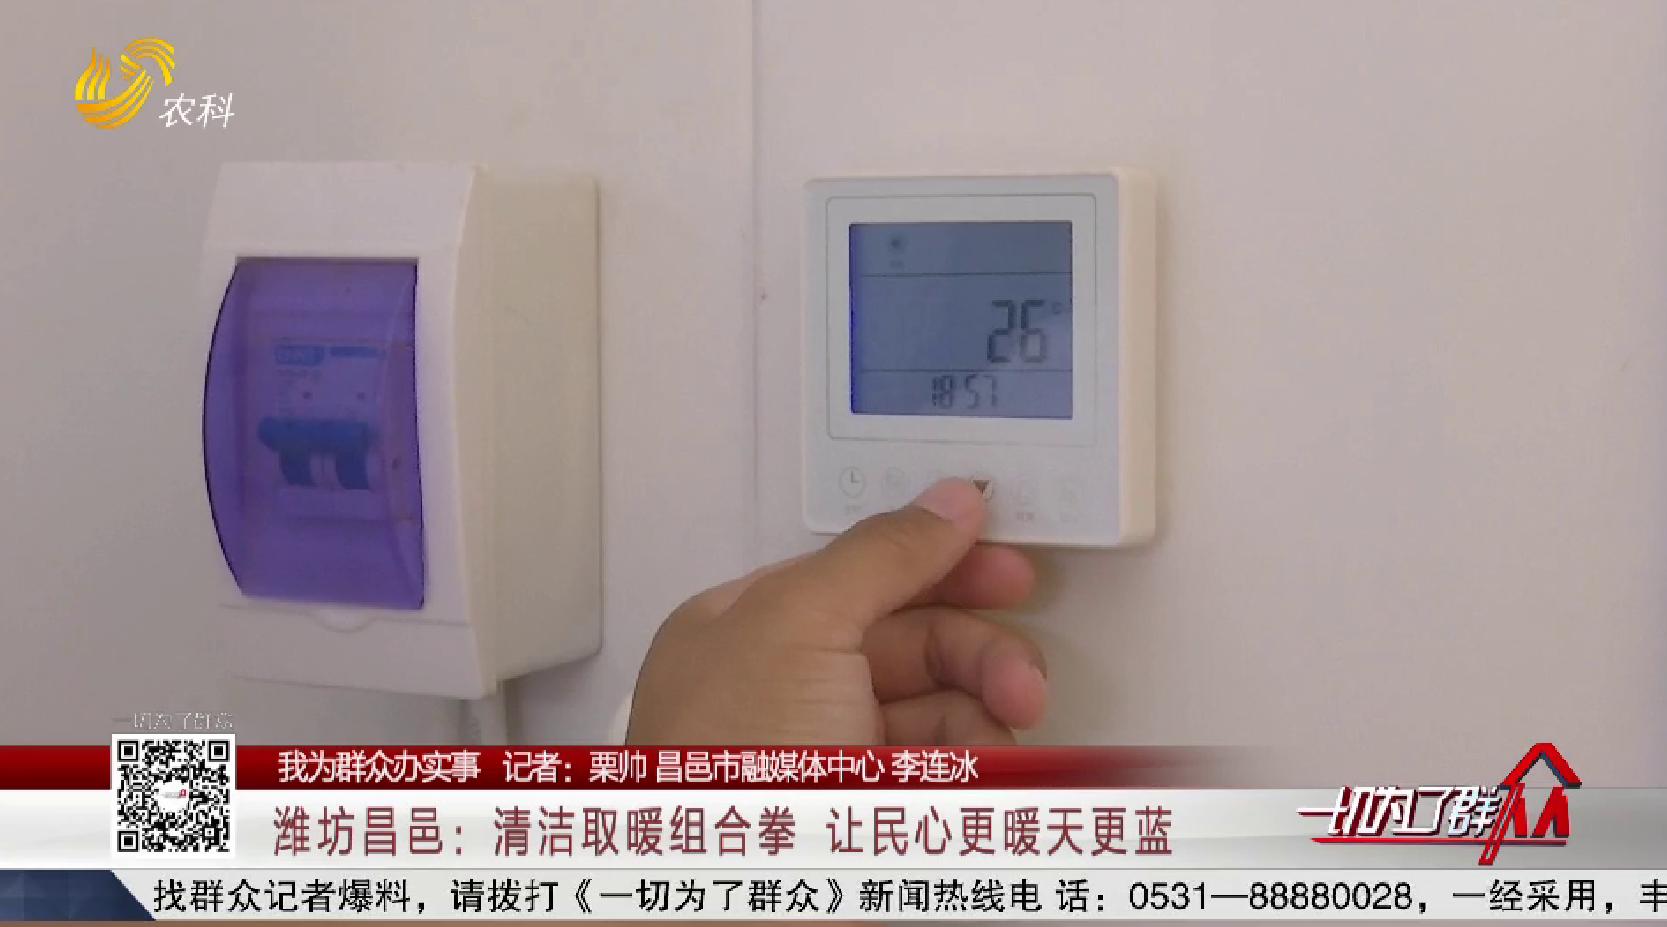 【我为群众办实事】潍坊昌邑:清洁取暖组合拳 让民心更暖天更蓝